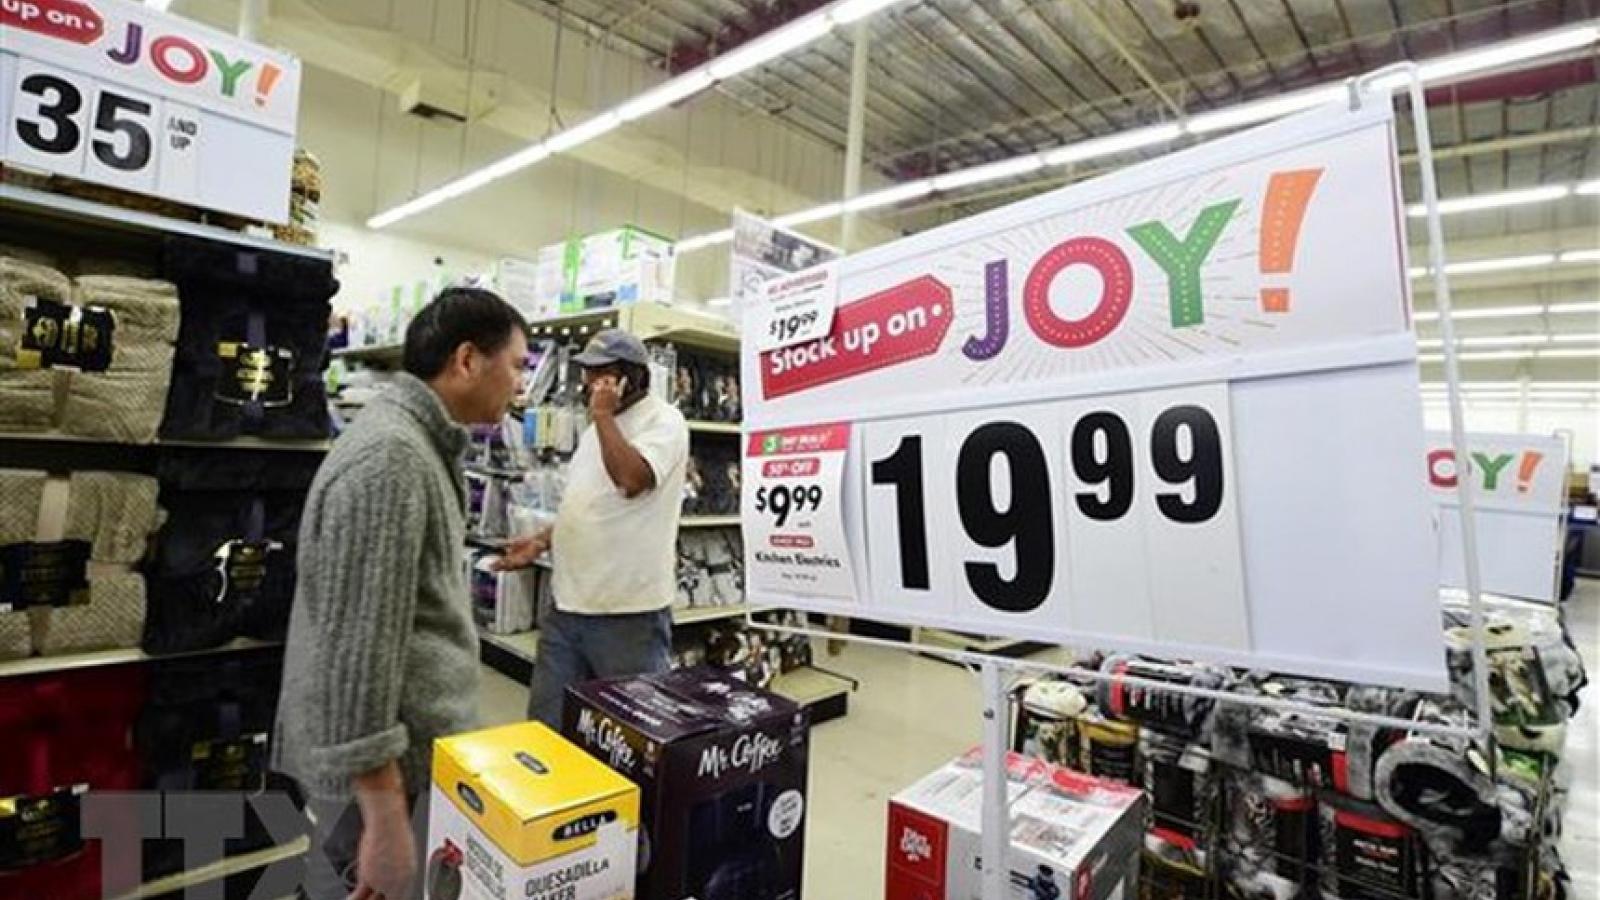 Doanh thu mua sắm trực tuyến trong ngày lễ Tạ Ơn đạt kỷ lục 5,1 tỷ USD